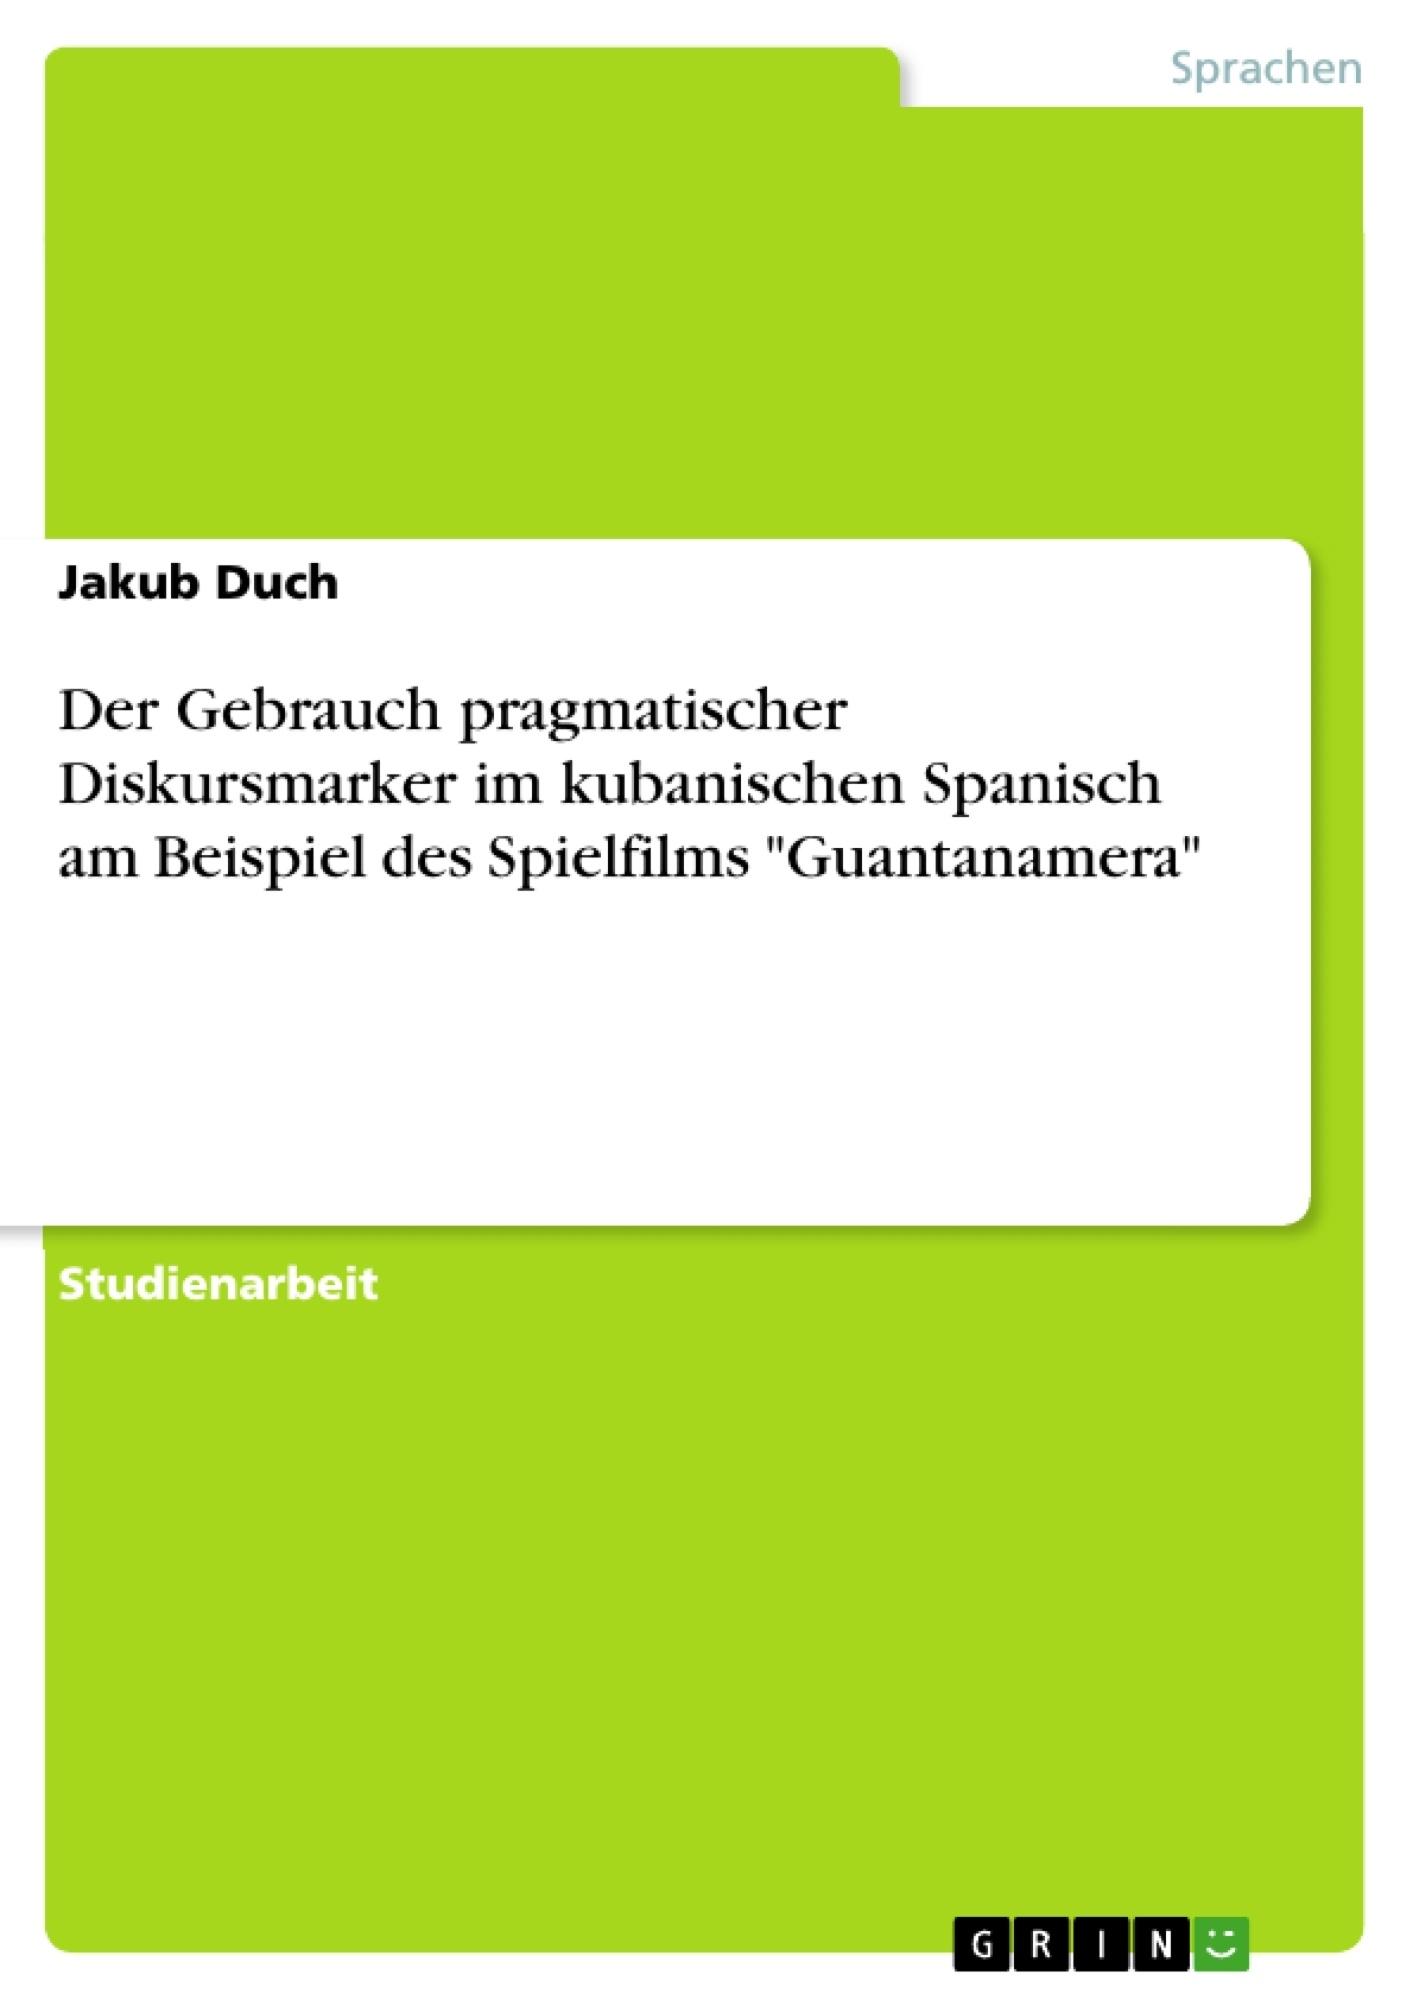 """Titel: Der Gebrauch pragmatischer Diskursmarker im kubanischen Spanisch am Beispiel des Spielfilms """"Guantanamera"""""""